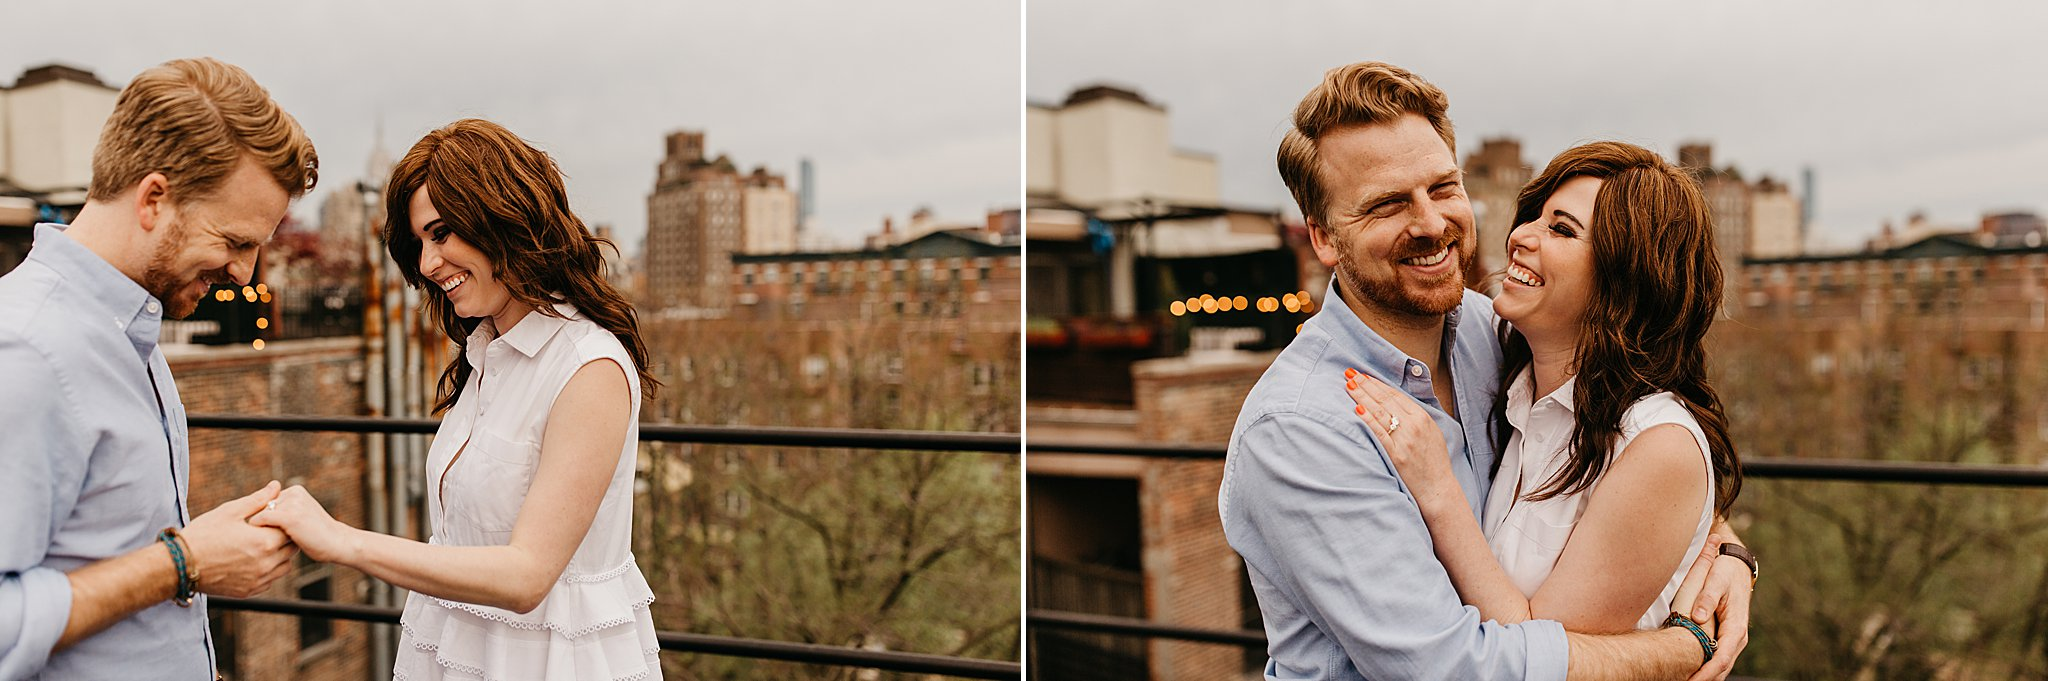 Wilderlove Co_Manhattan_New York City_New York Engagement_West Village_Greenwich Engagement_Rooftop Engagement_New York Photographer_Photography_0031.jpg